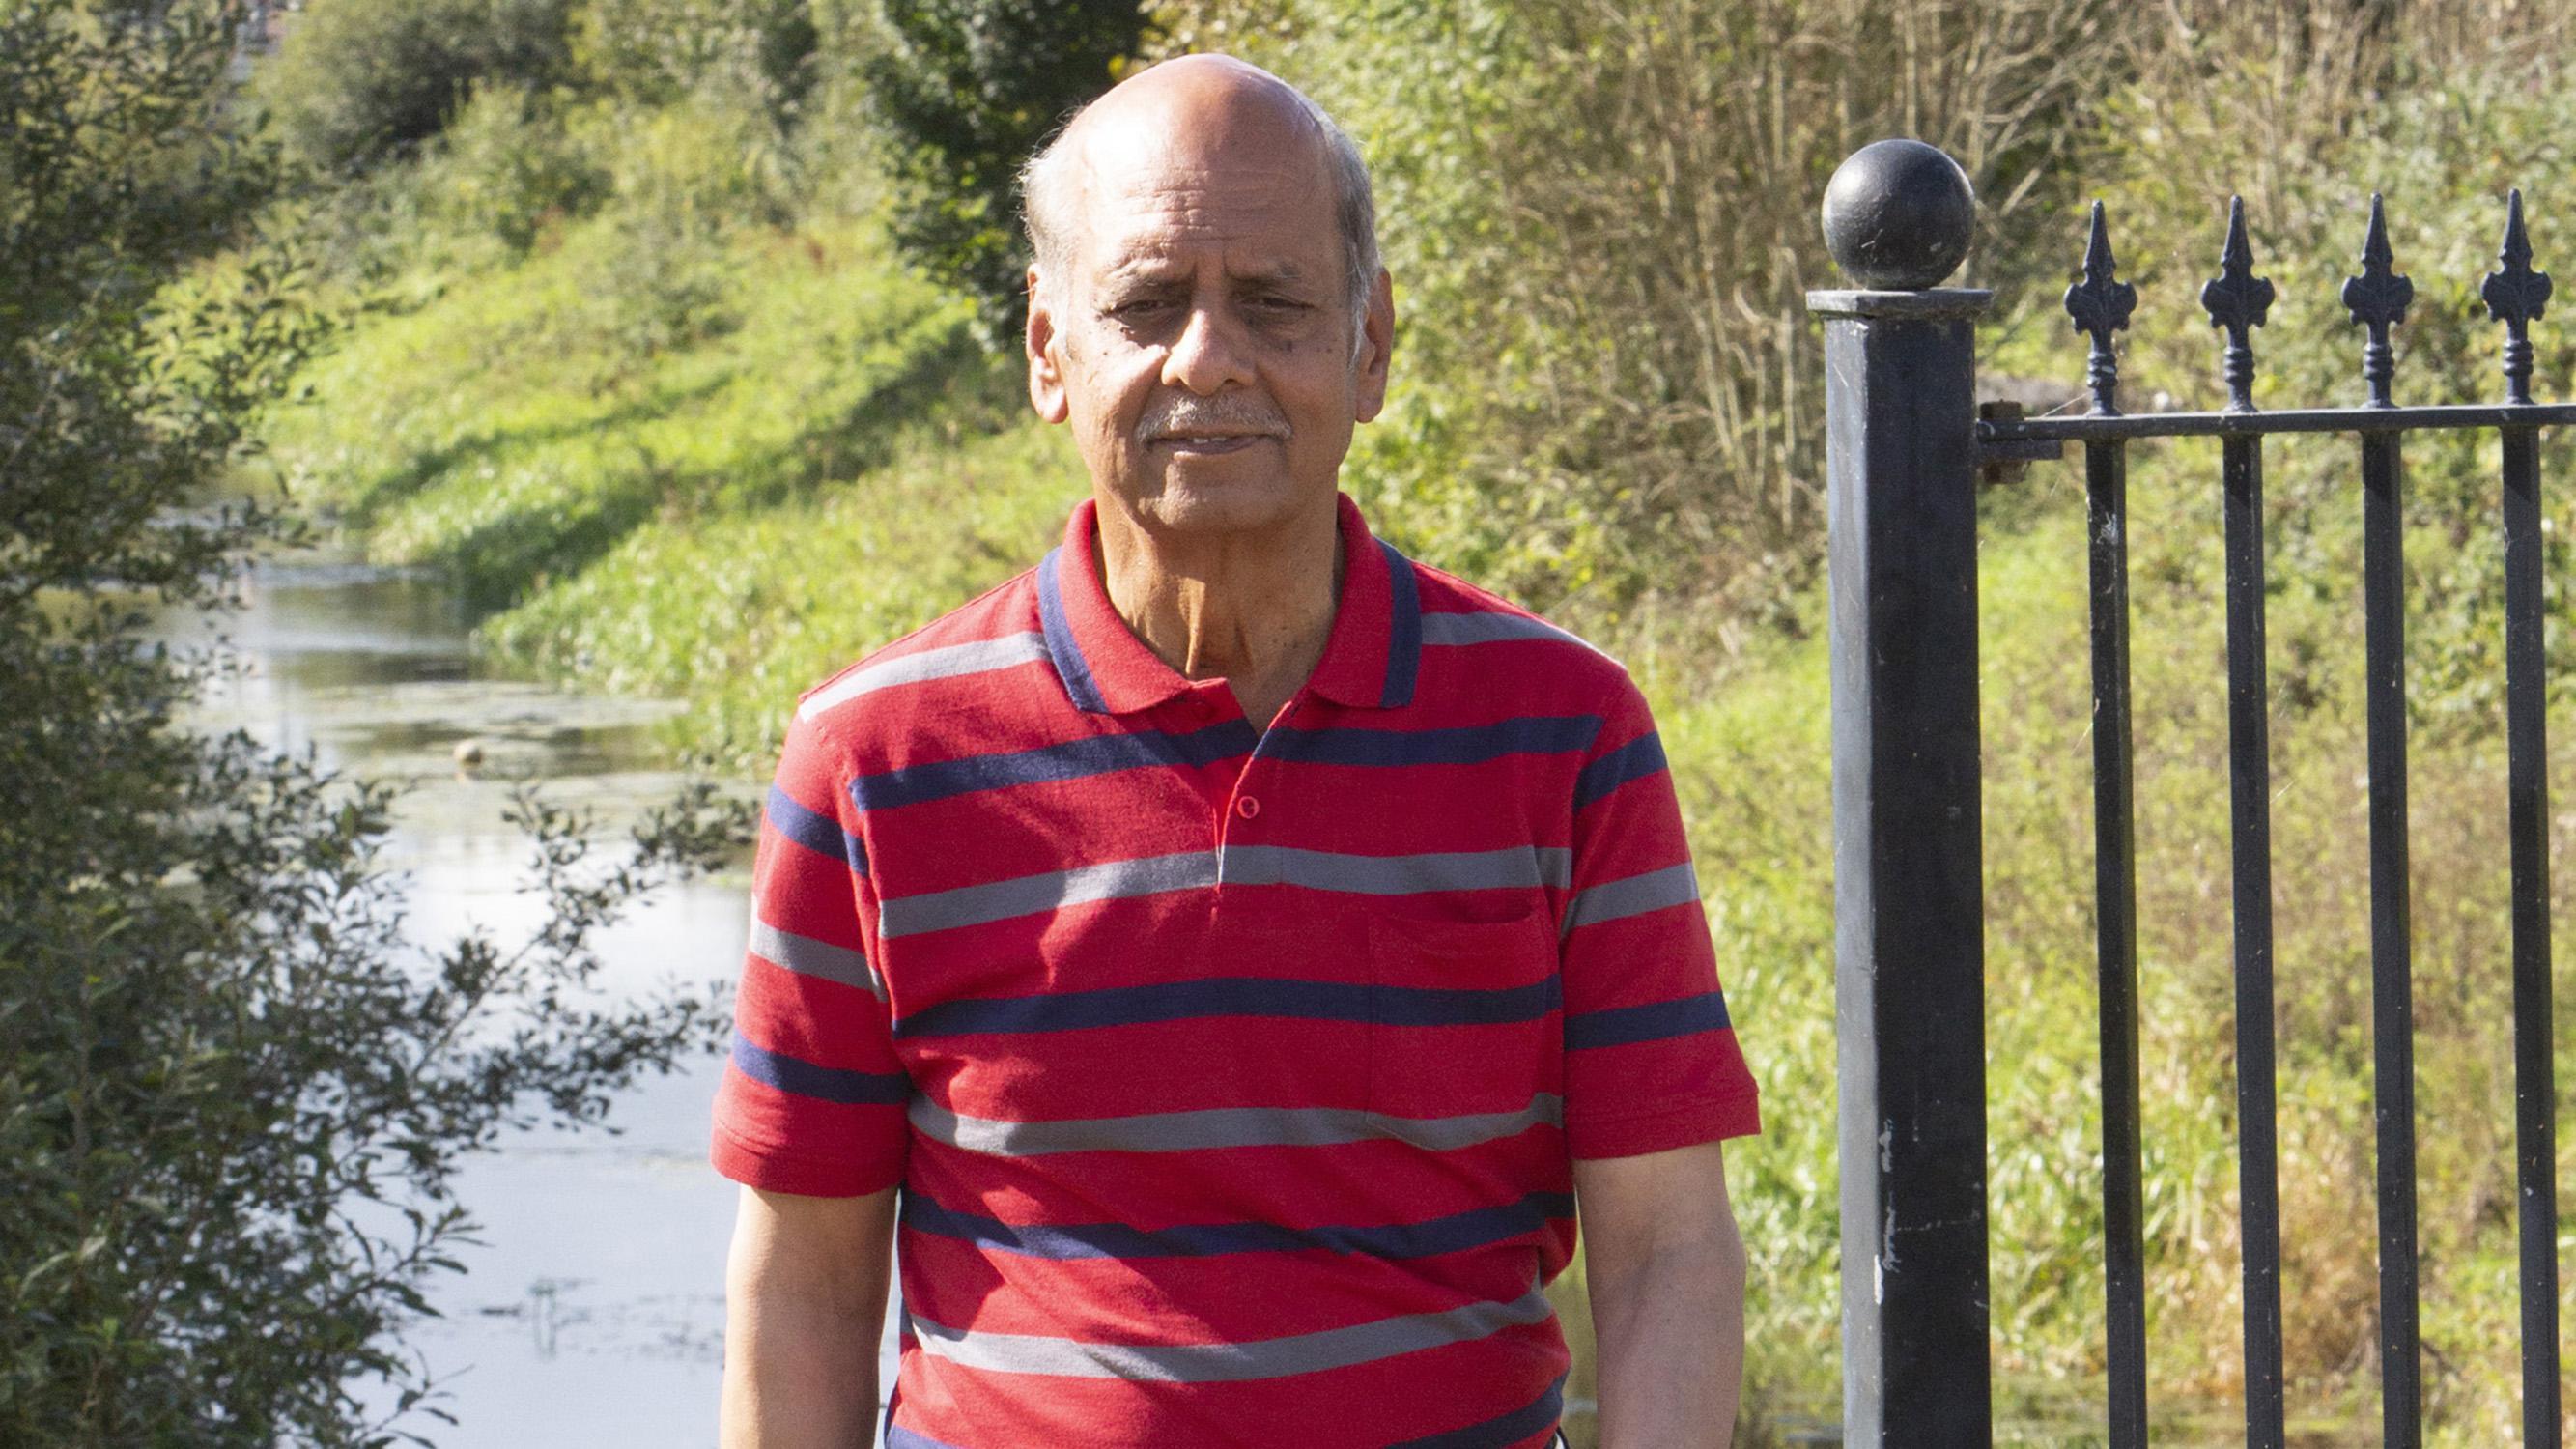 रिटायर्ड इंजीनियर विनोद कहते हैं, वजन घटाने के लिए मैंने खानपान में कोई बदलाव नहीं किया है सिर्फ पैदल चला हूं।